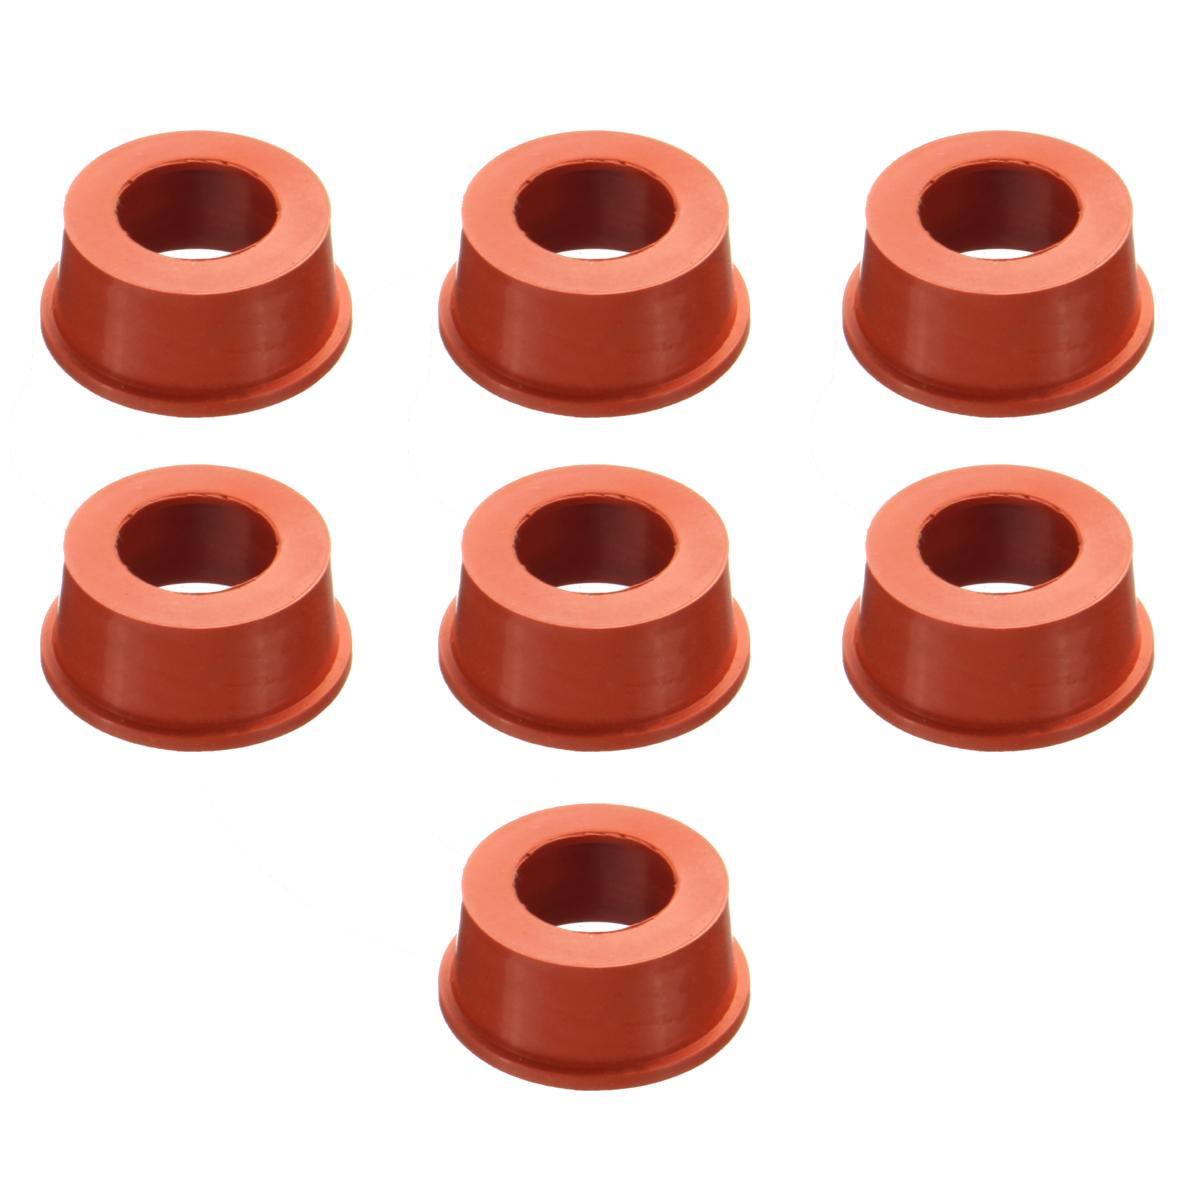 7pcs Backup Ring Back Up Ring Cover Gasket for BMW M47 M57 E38 E39 E46 E60 E61 E65 E66 E90 E91 E53 E83 116122469497pcs Backup Ring Back Up Ring Cover Gasket for BMW M47 M57 E38 E39 E46 E60 E61 E65 E66 E90 E91 E53 E83 11612246949